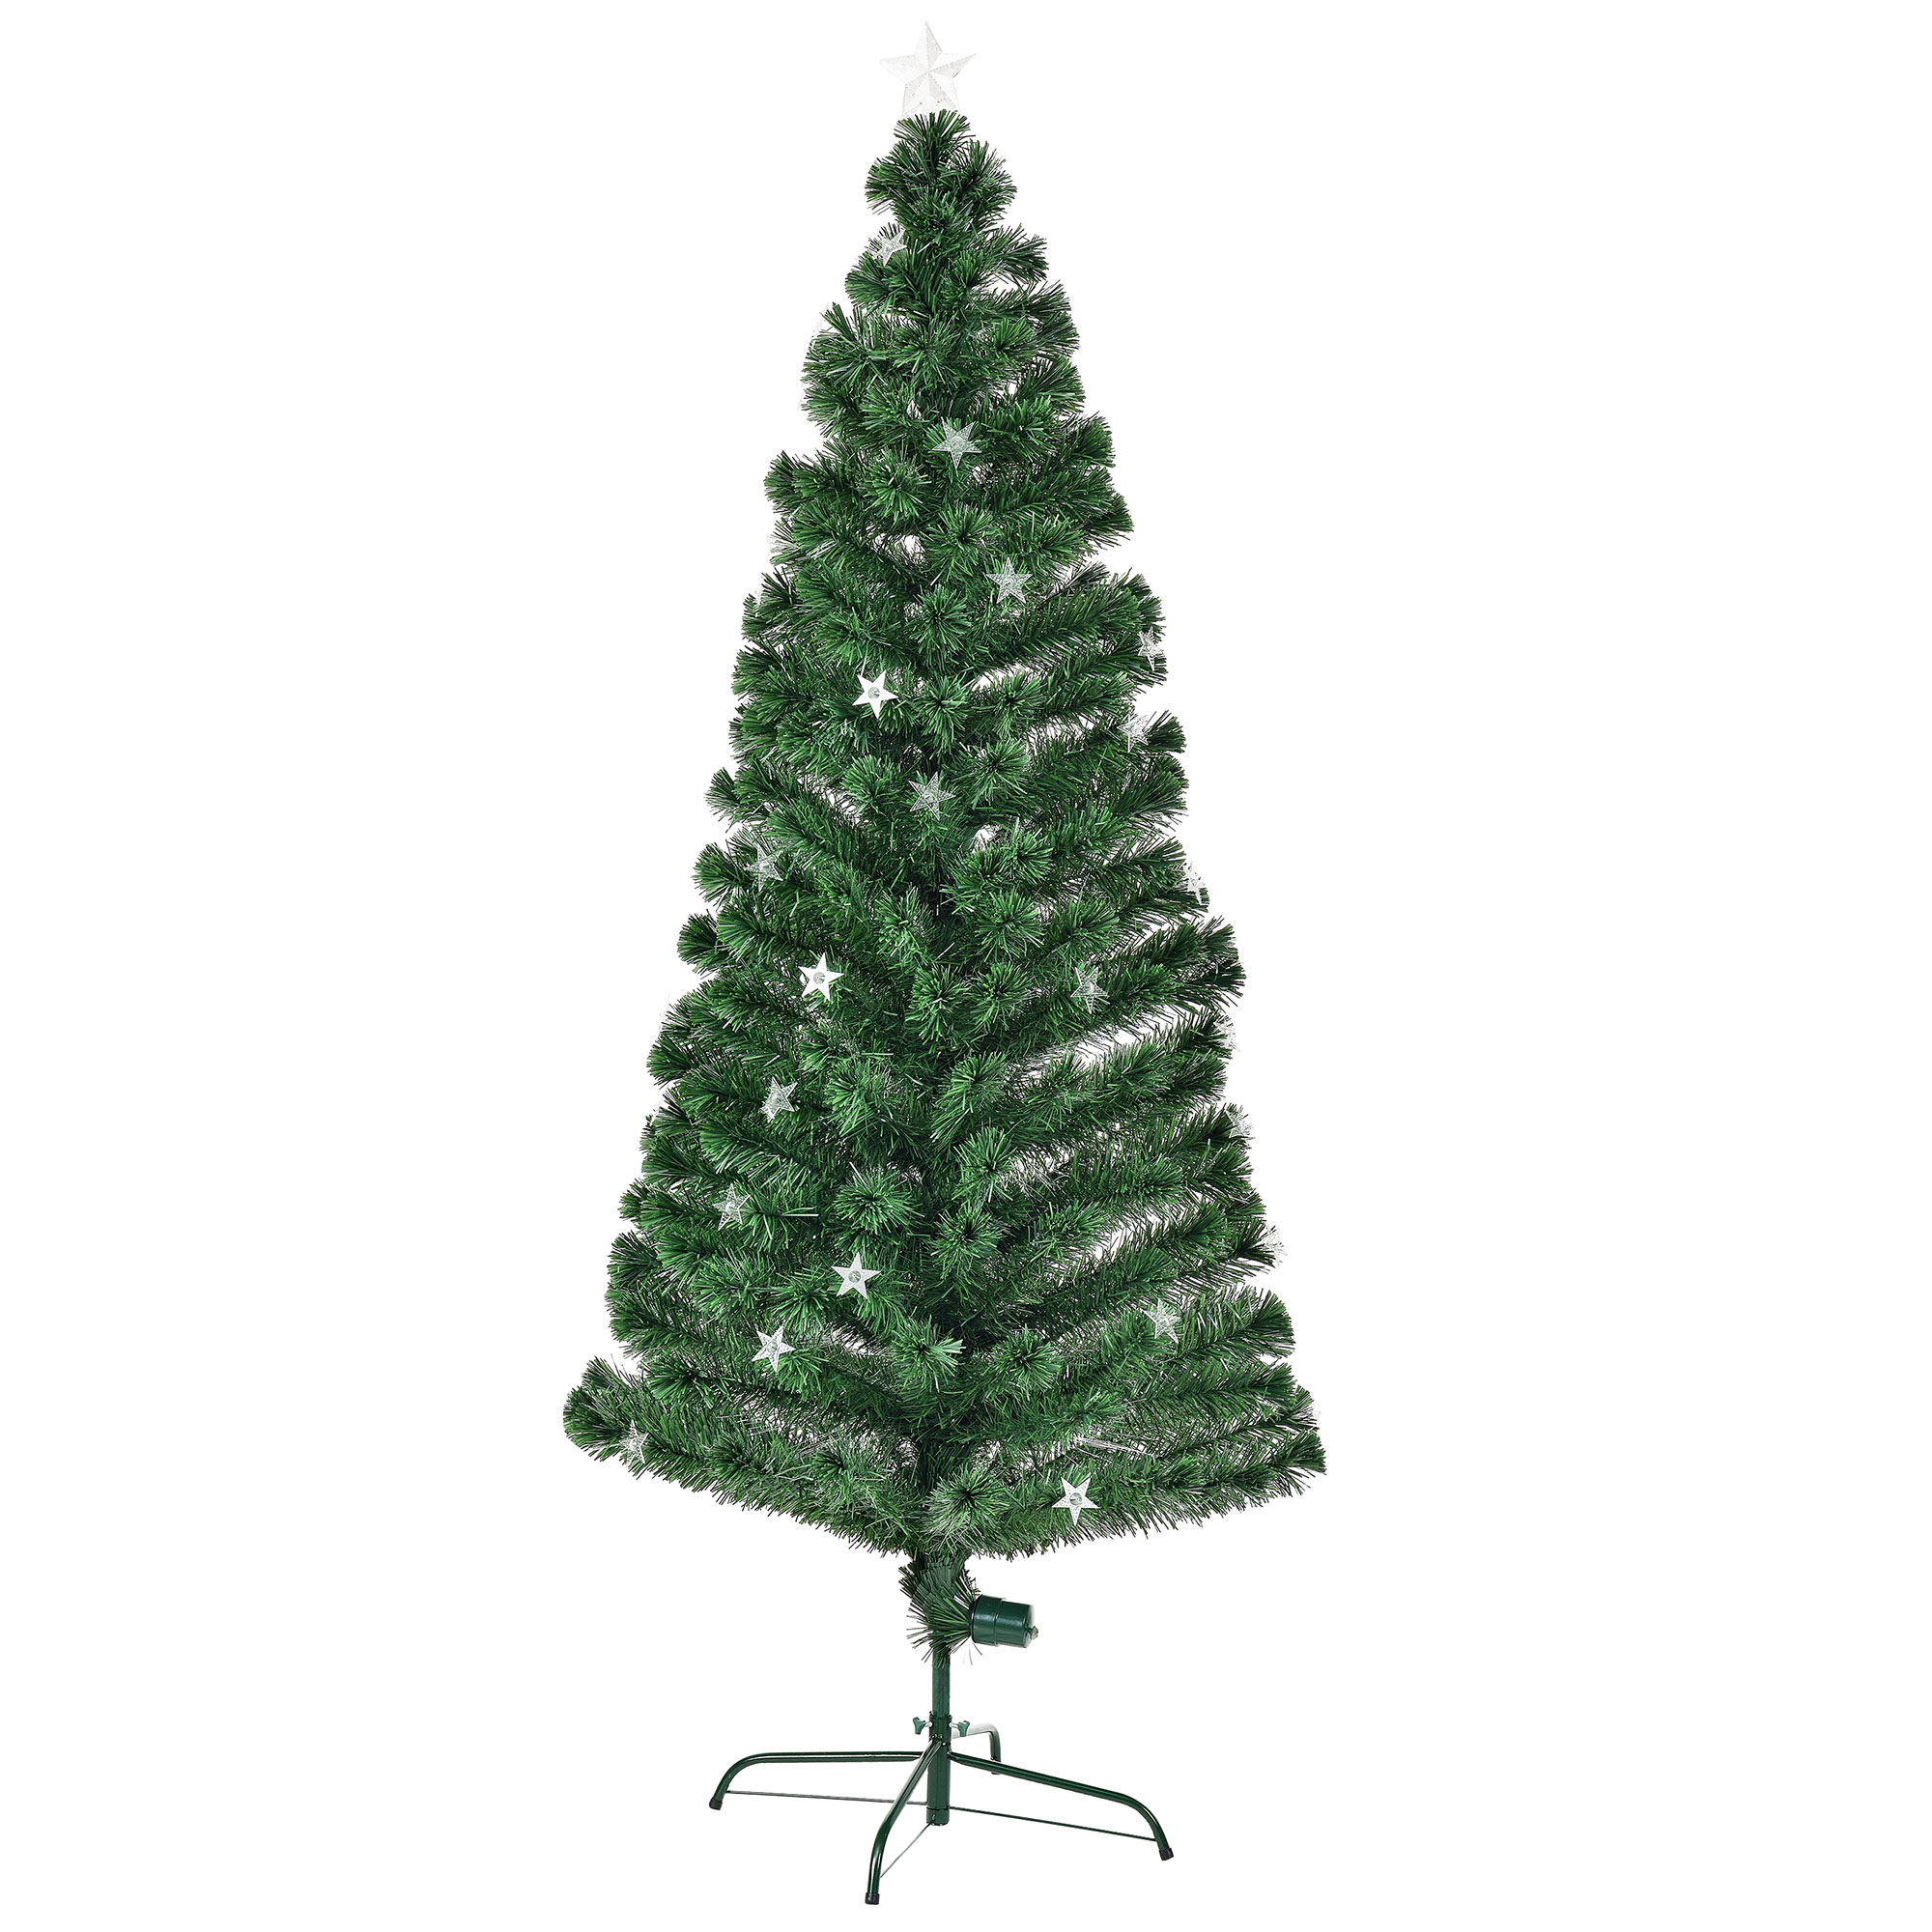 210cm beleuchteter christbaum weihnachtsbaum weihnachten geschm ckt. Black Bedroom Furniture Sets. Home Design Ideas